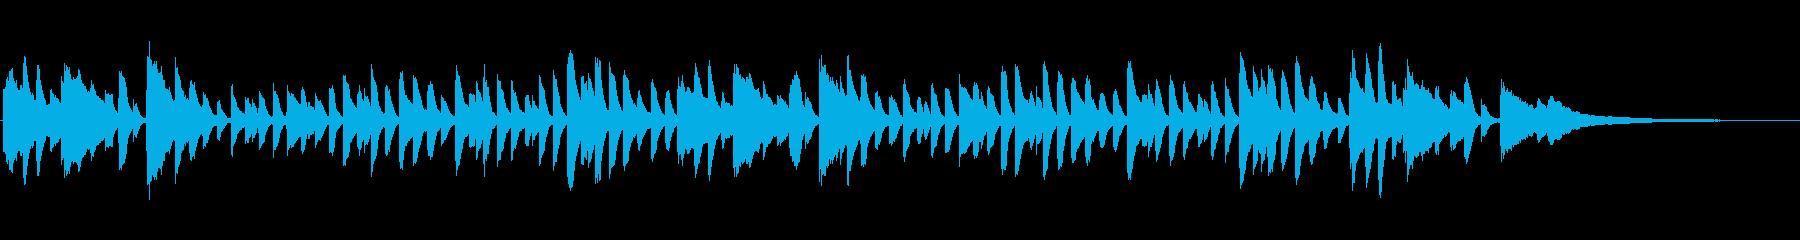 童謡「かたつむり」シンプルなピアノソロの再生済みの波形